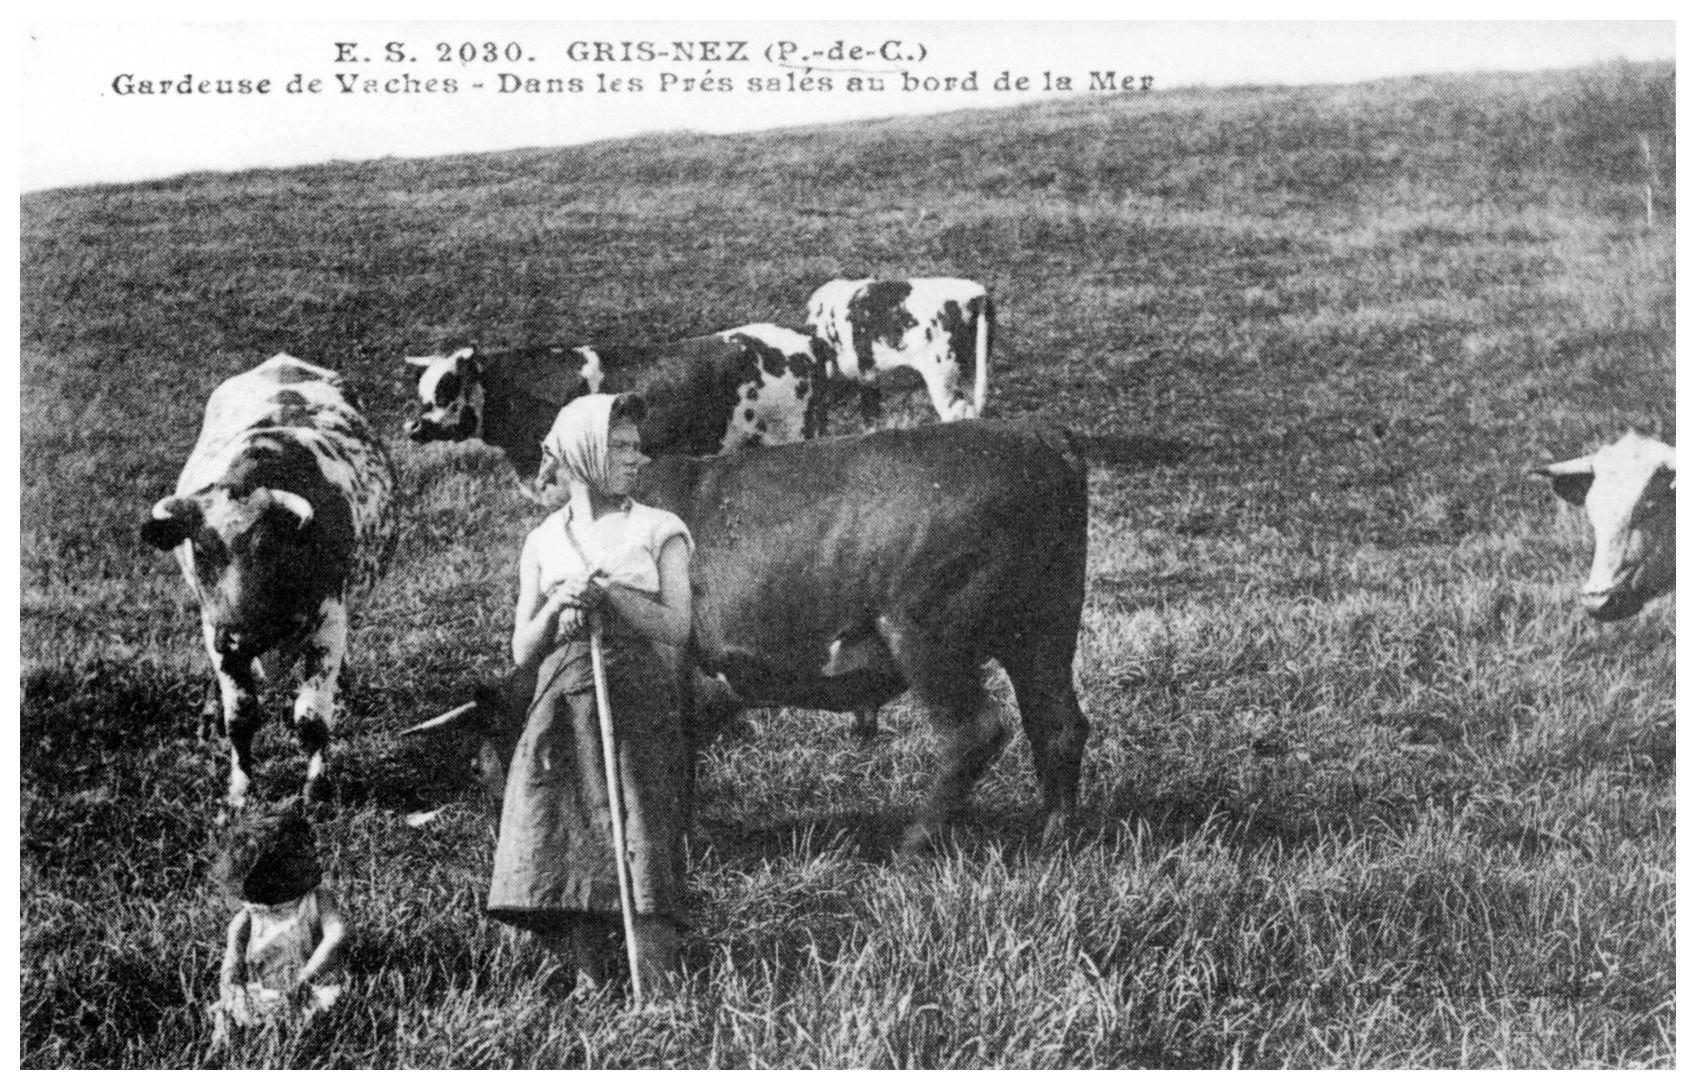 Gardeuse de vaches au Cap Gris Nez